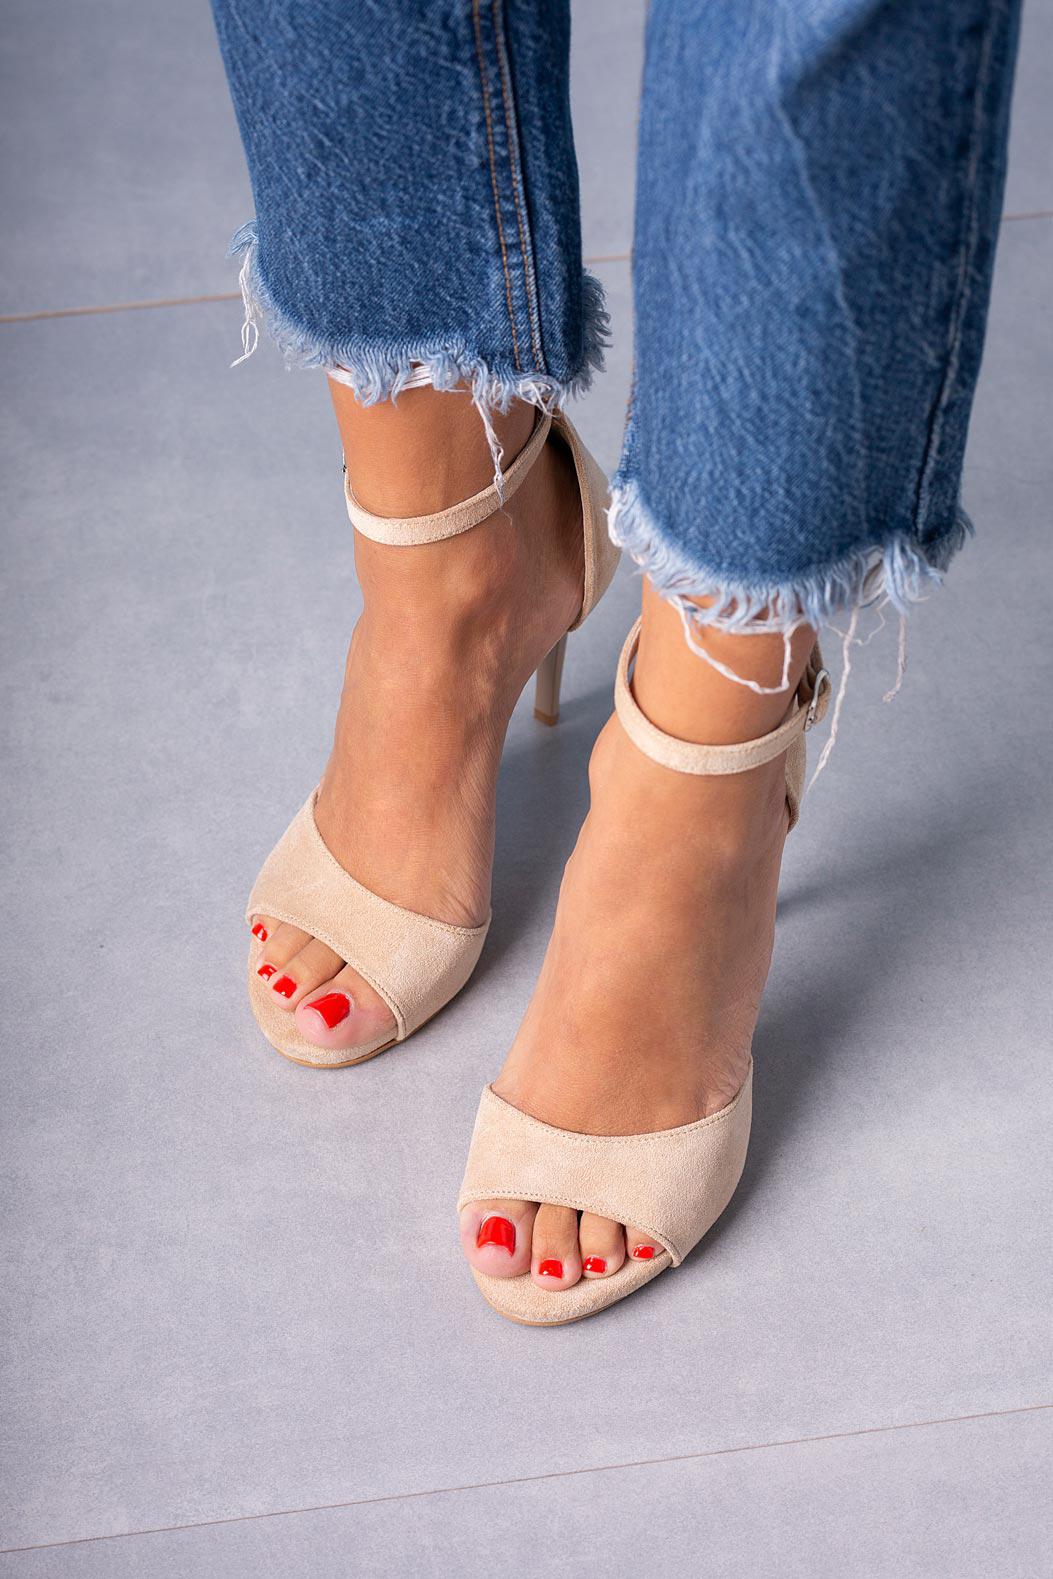 Beżowe sandały szpilki z zakrytą piętą i paskiem wokół kostki Casu 1590/1 model 1590/1